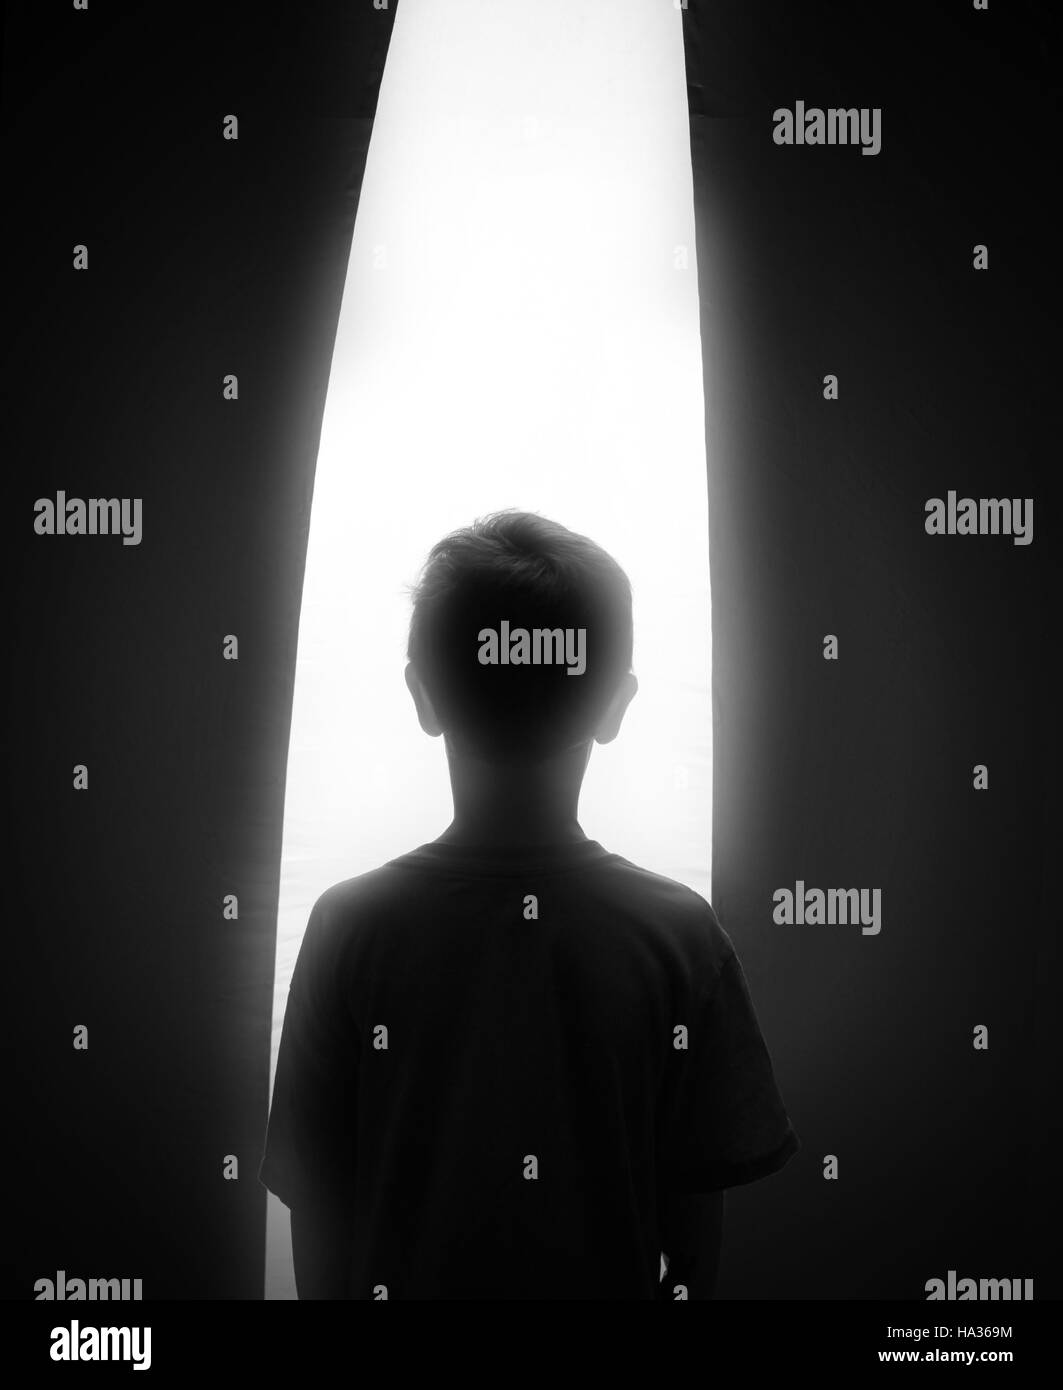 Une silhouette en noir et blanc d'un jeune garçon à la recherche d'une fenêtre d'un blanc brillant espoir, rêve ou foi concept. Banque D'Images